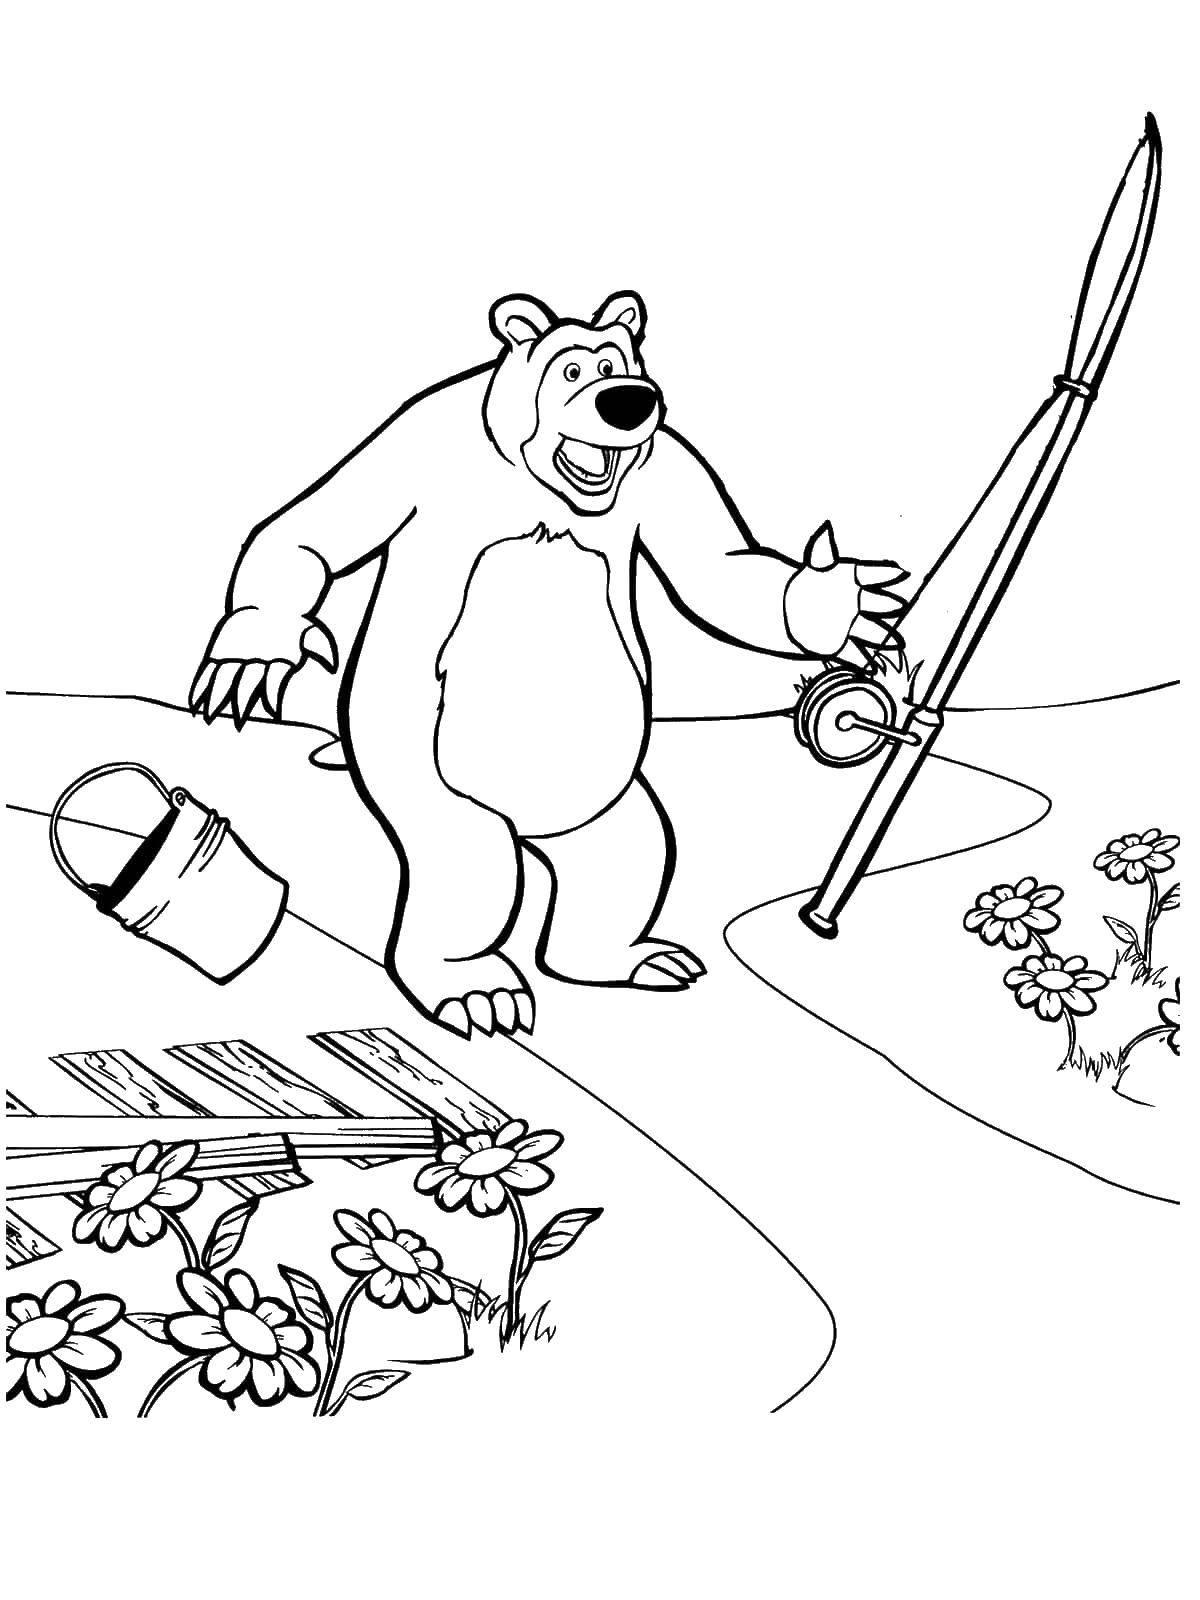 Раскраска маша и медведь Скачать мультфильмы, телепузики.  Распечатать ,мультфильмы,